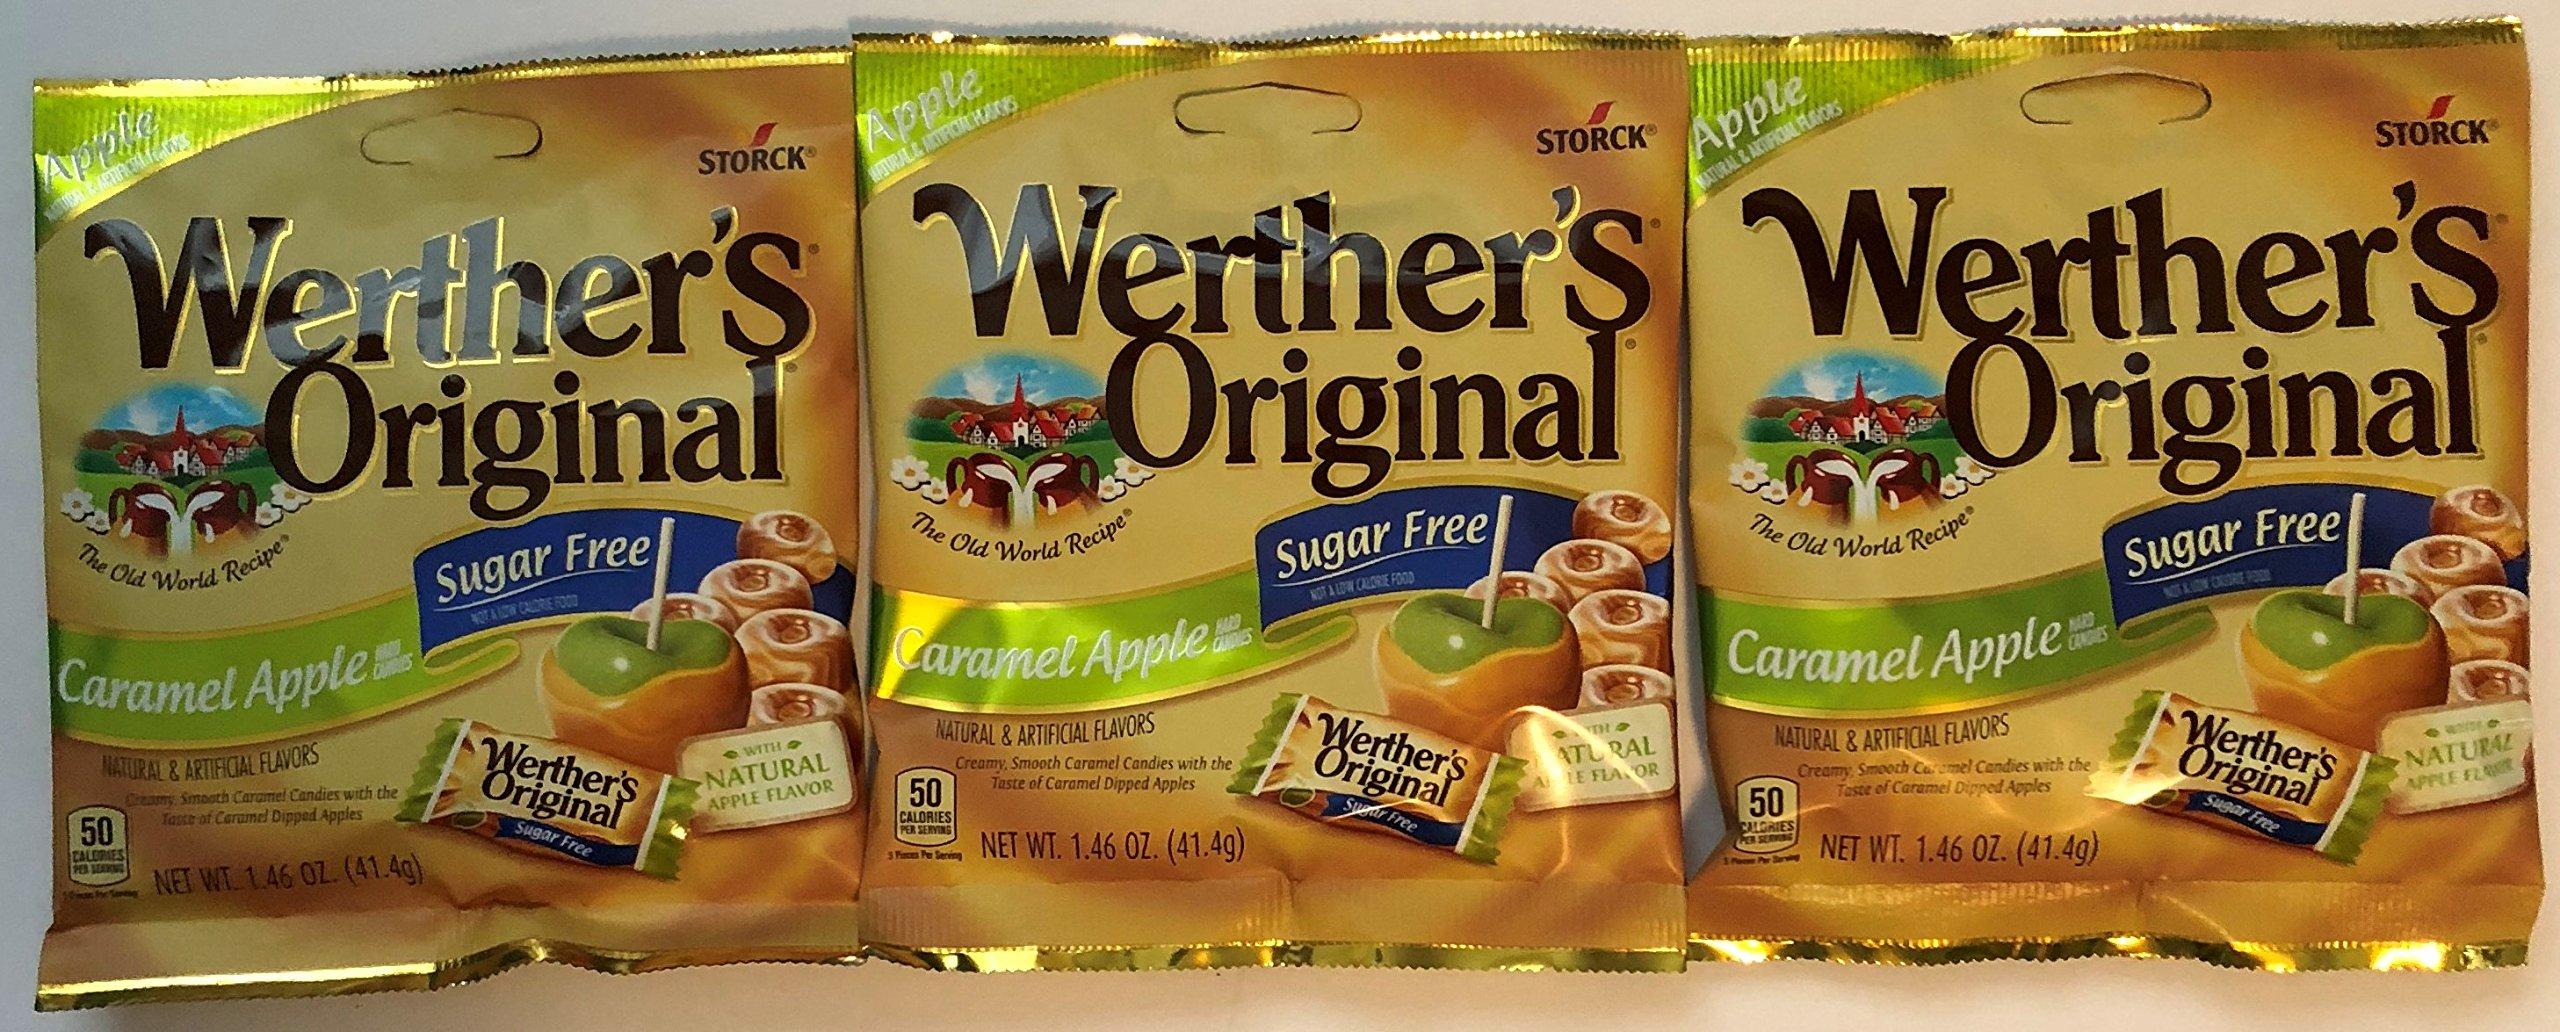 Werther's Original Sugar Free Caramel Apple Hard Candies, 1.46 oz (3-Pack) by Werther's